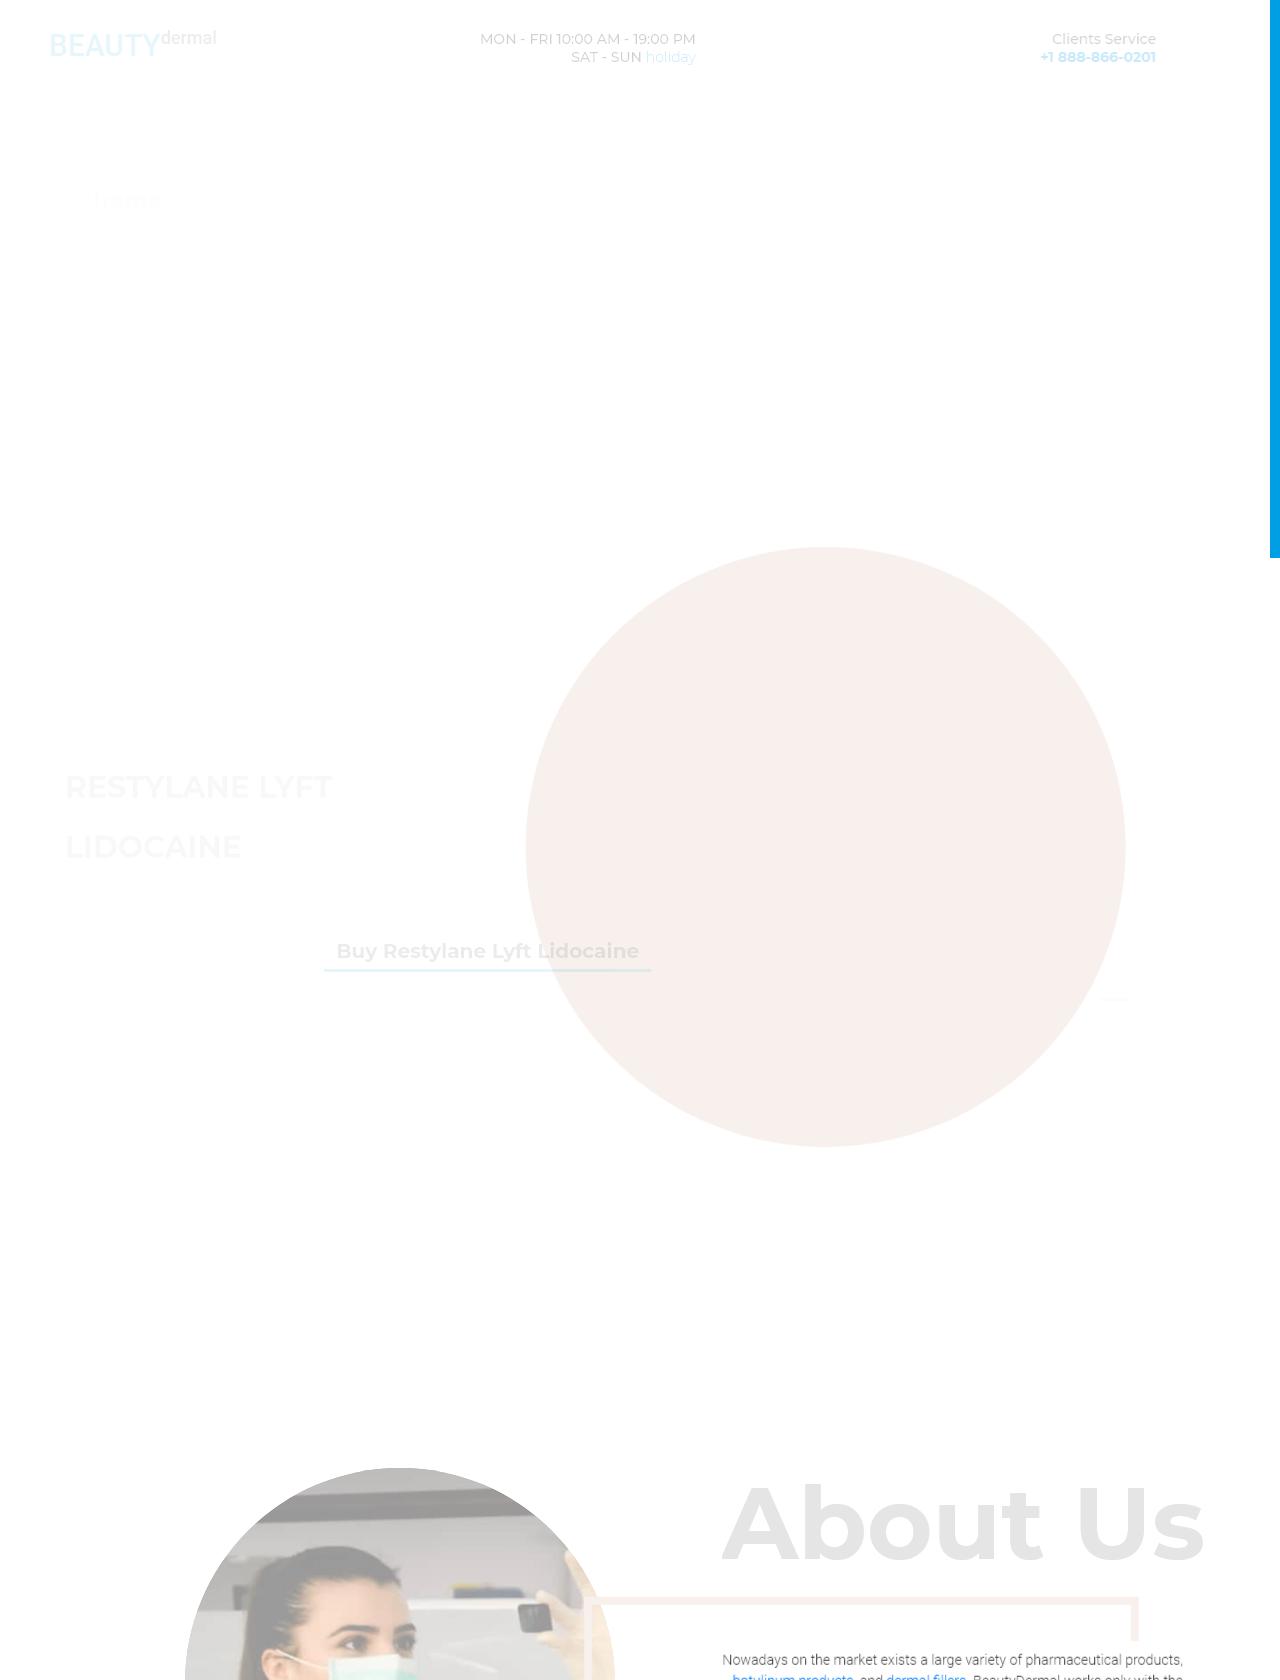 Screenshot Desktop - https://beautydermal.com/